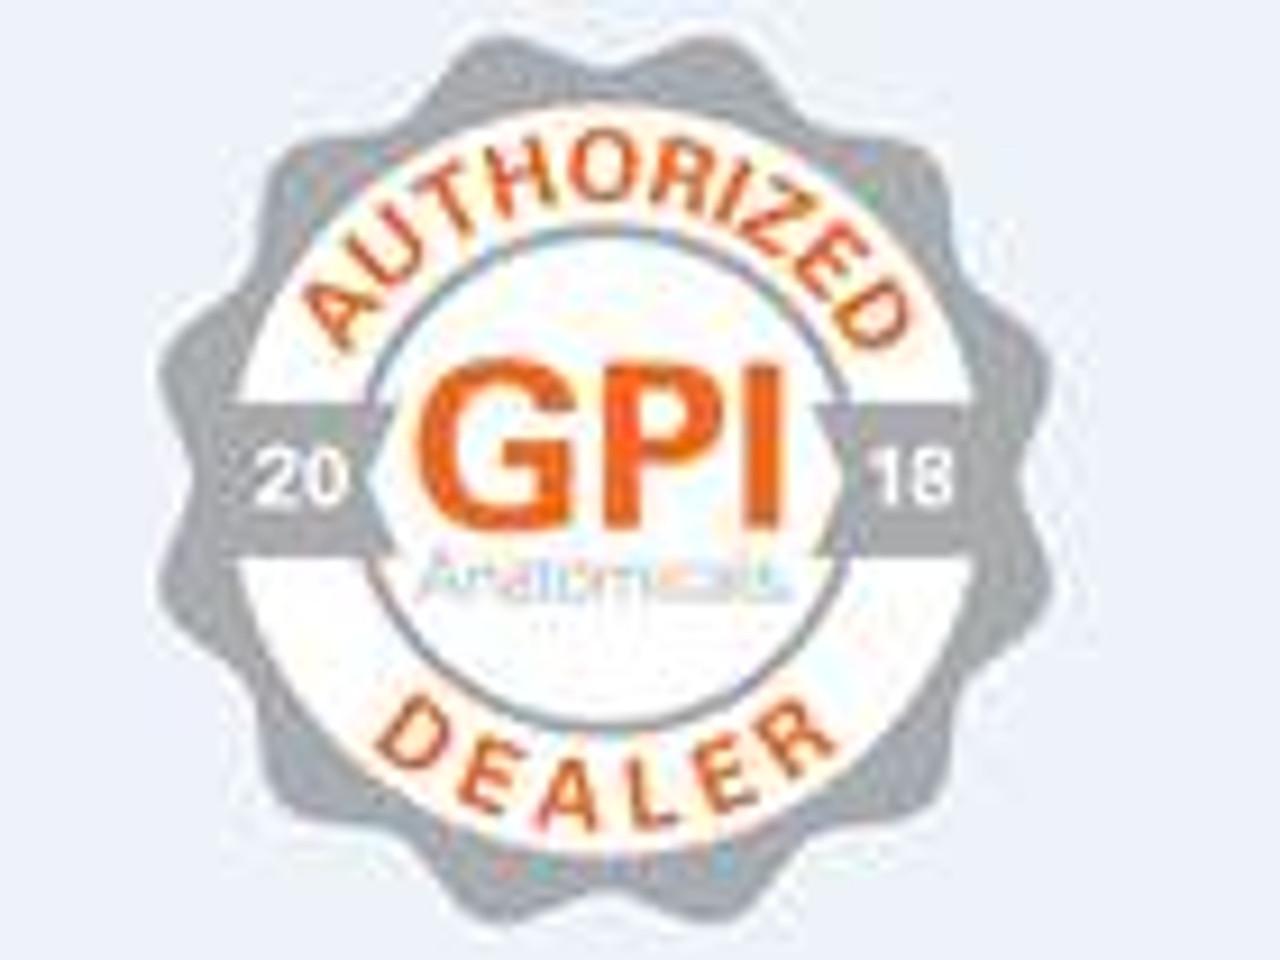 Authorized GPI dealer